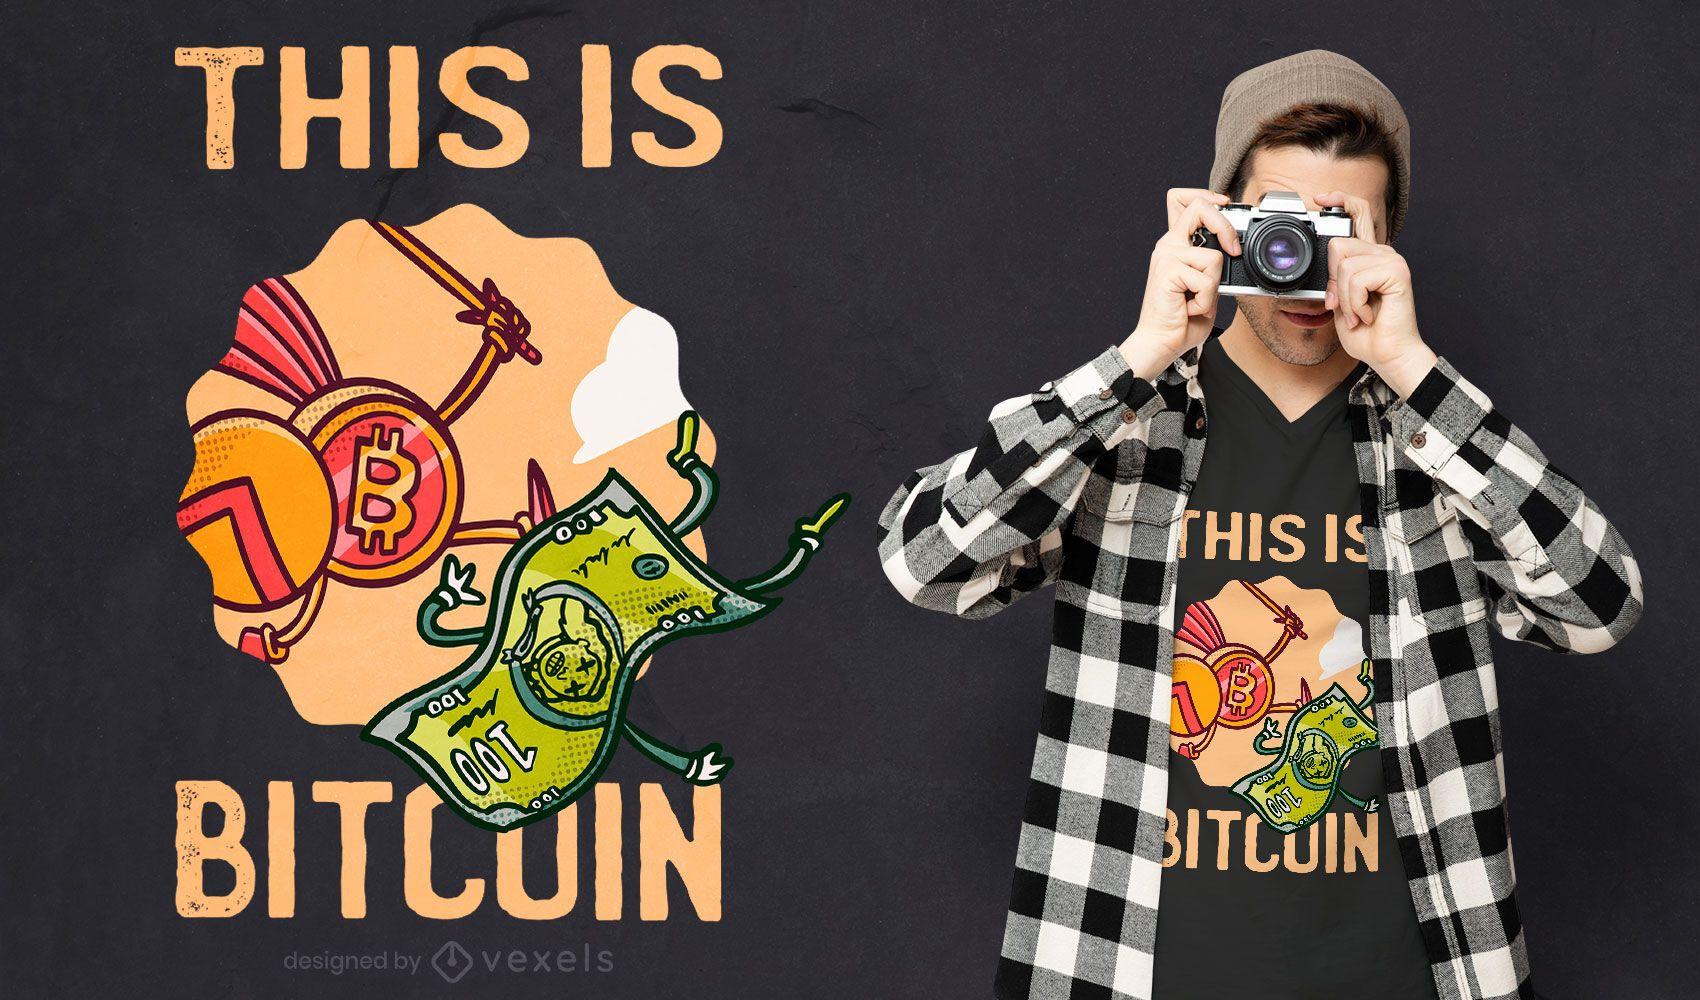 Diseño de camiseta con cita de bitcoin espartano